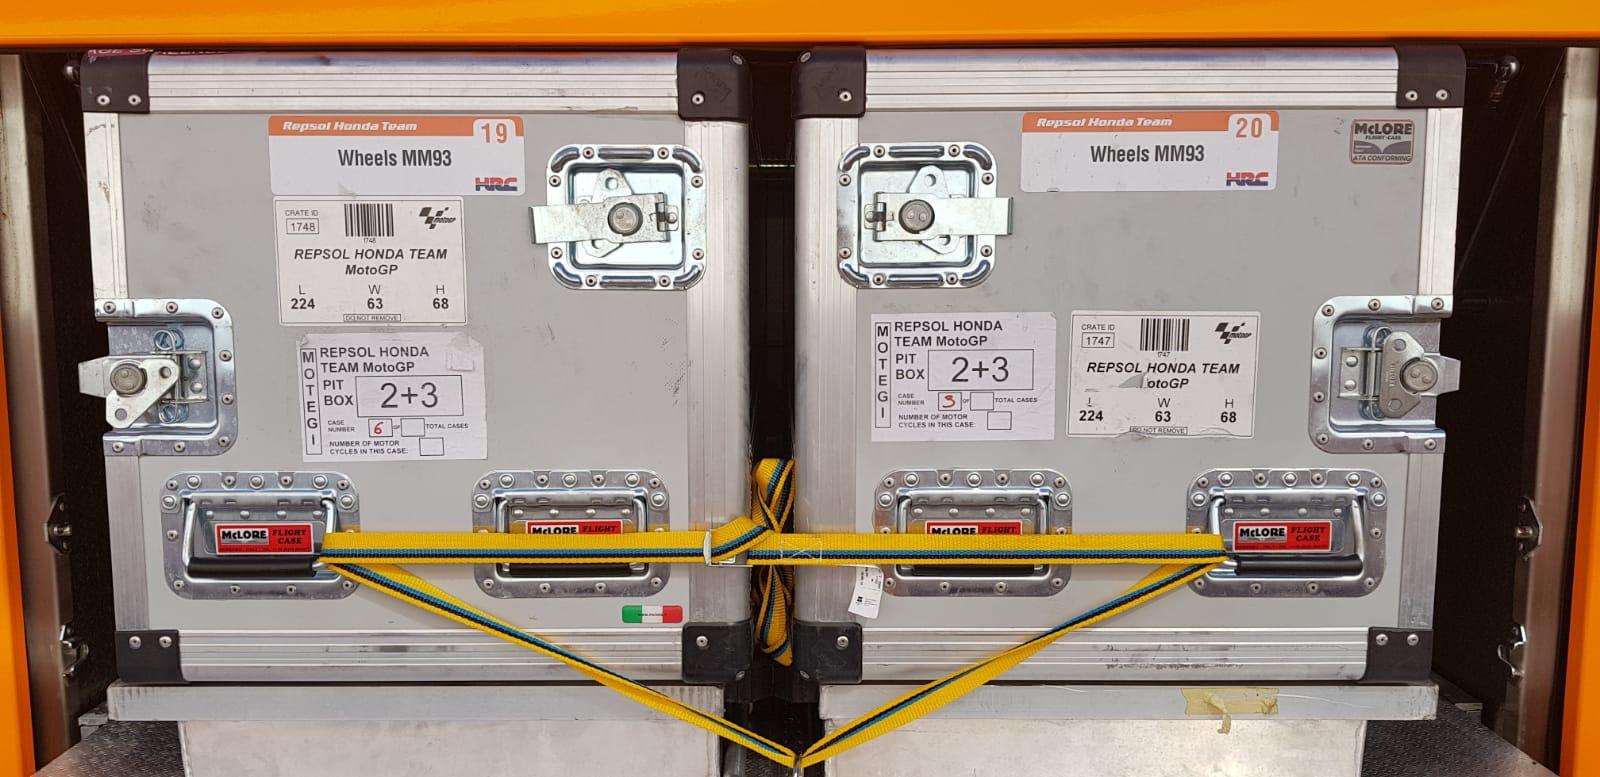 Cajas de transporte del equipo Repsol Honda